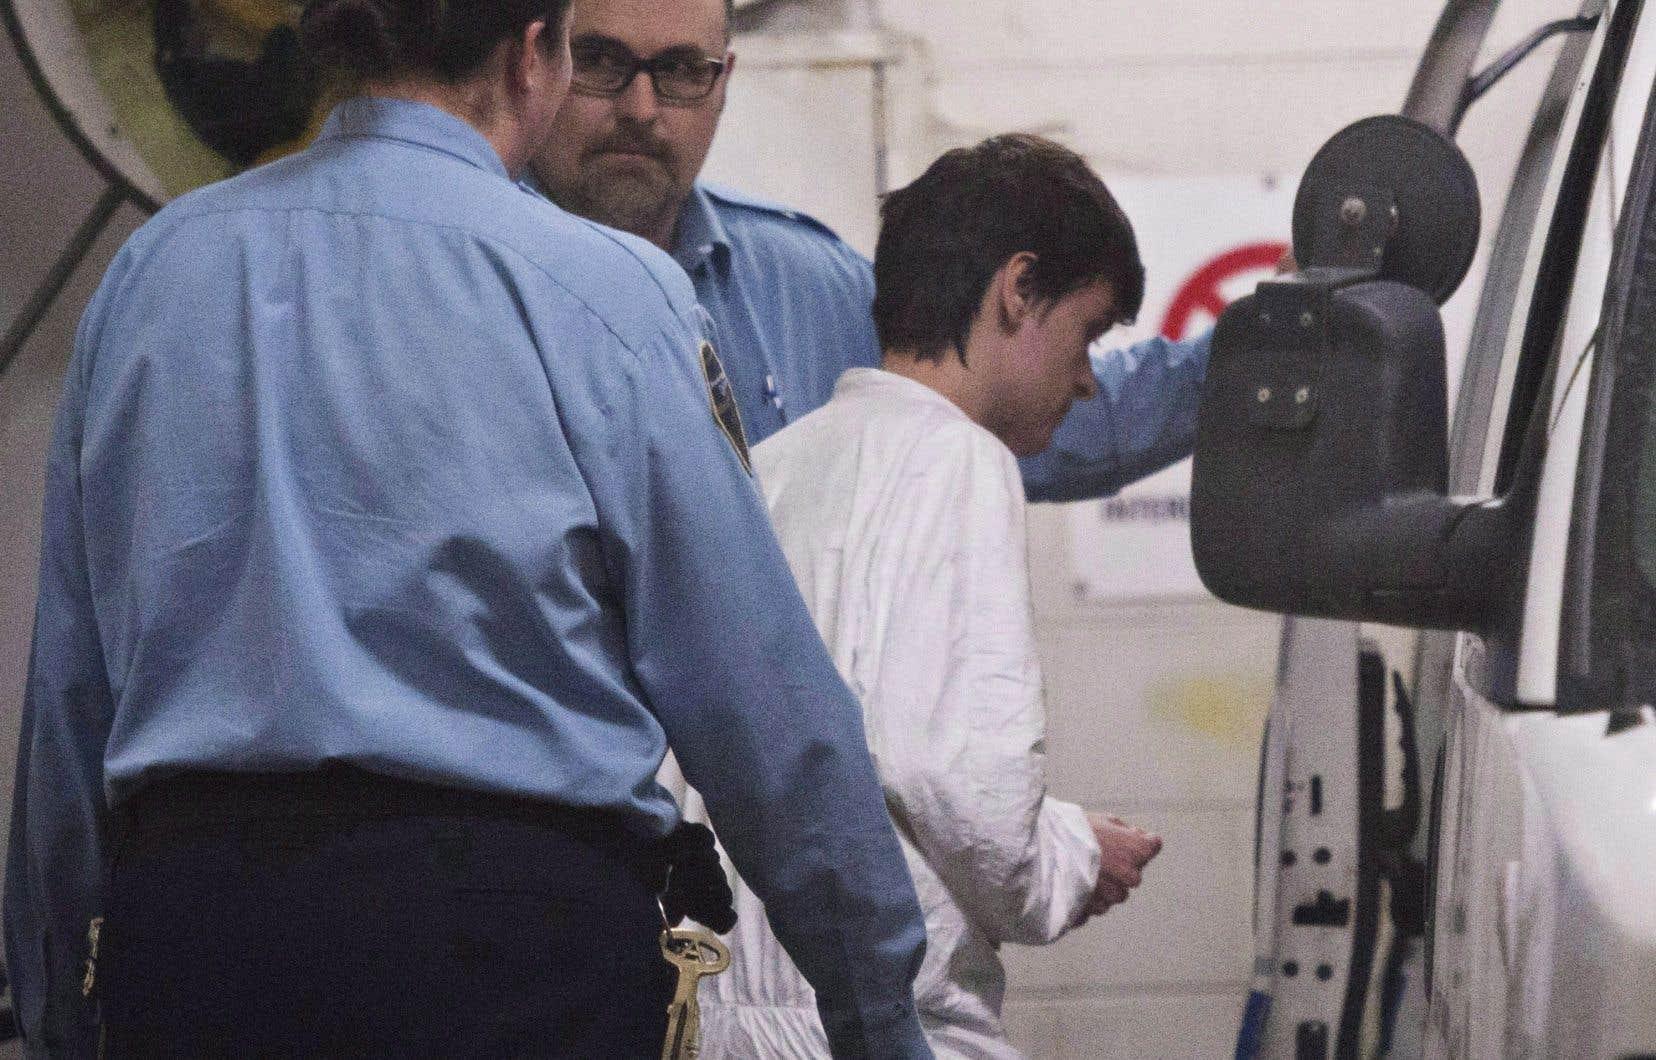 Alexandre Bissonnette a été condamné àpeine minimale de 40 ans sans possibilité de libération conditionnelle.